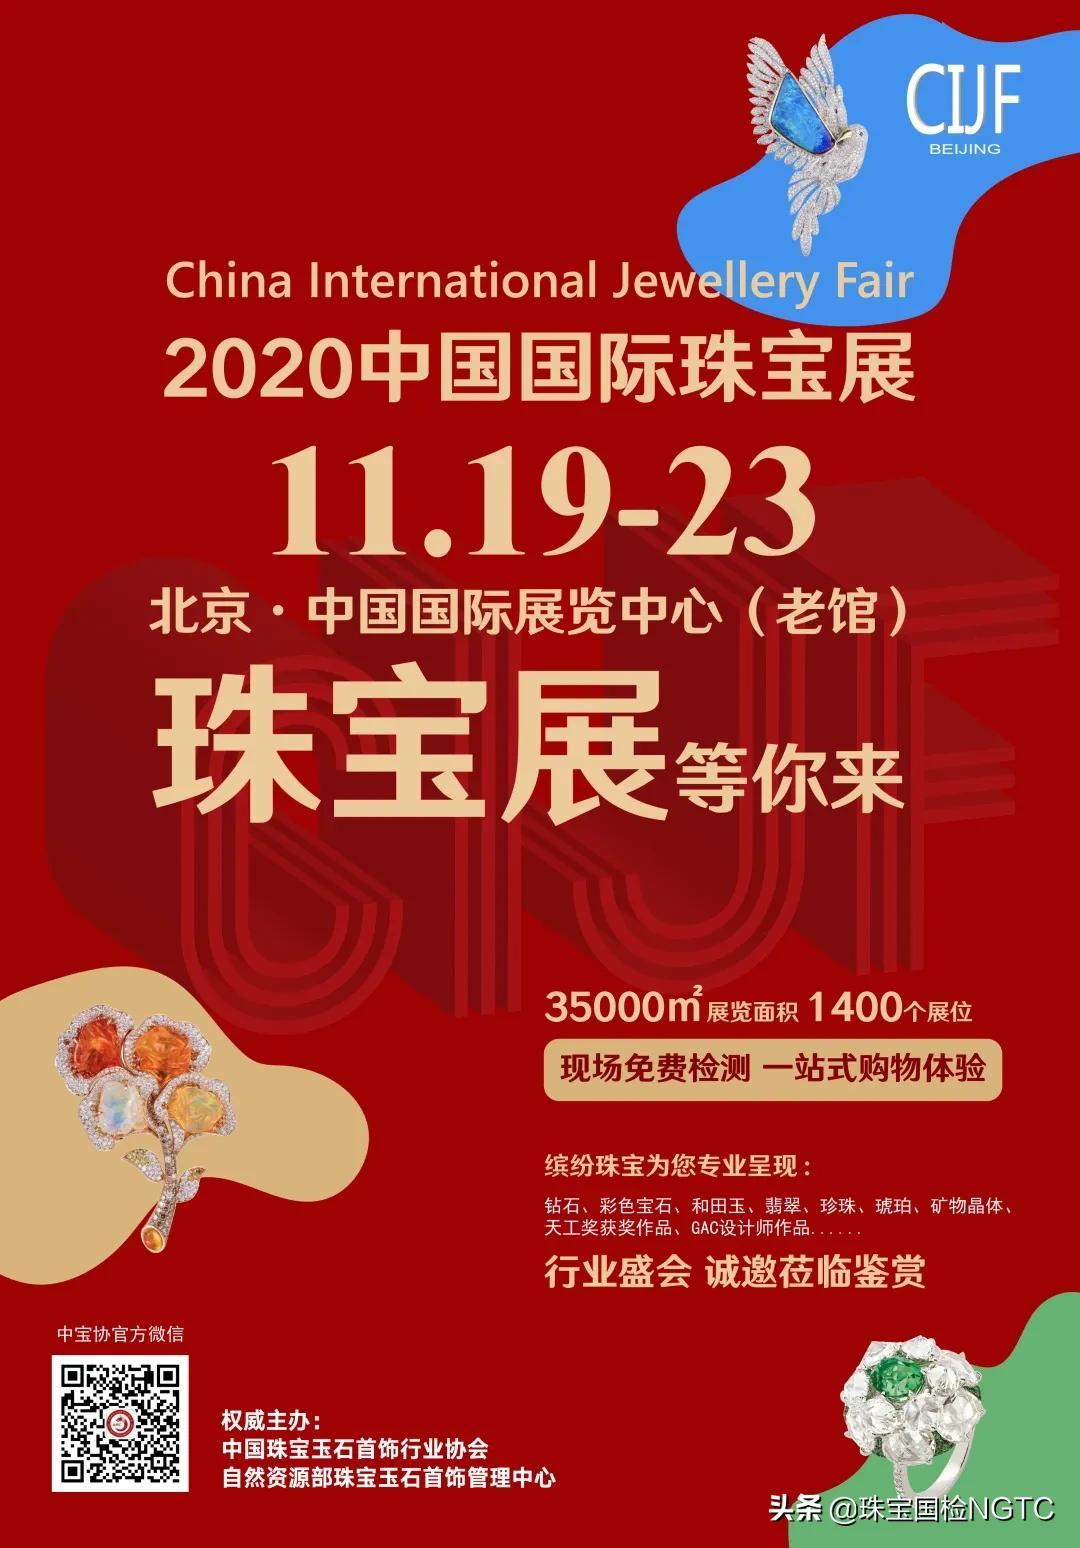 2020中国国际珠宝展隆重开幕